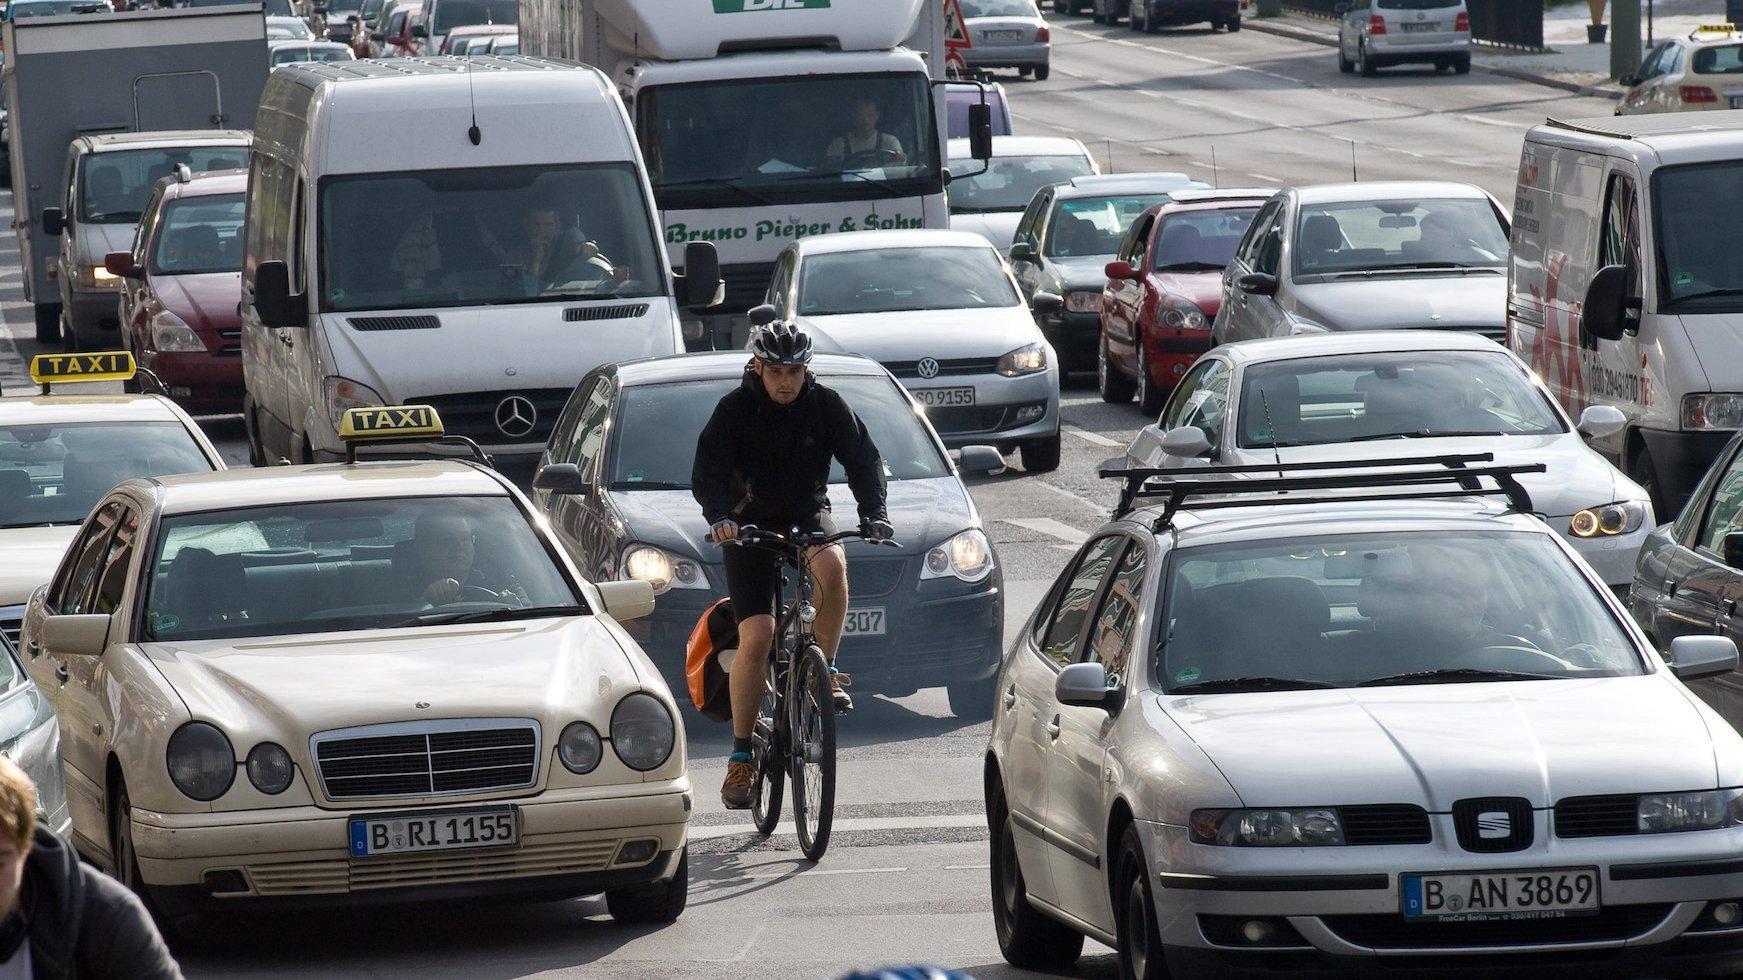 Eine mehrspurige Straße mit Stau. Ein Radfahrer schlängelt sich durch die Fahrzeuge.